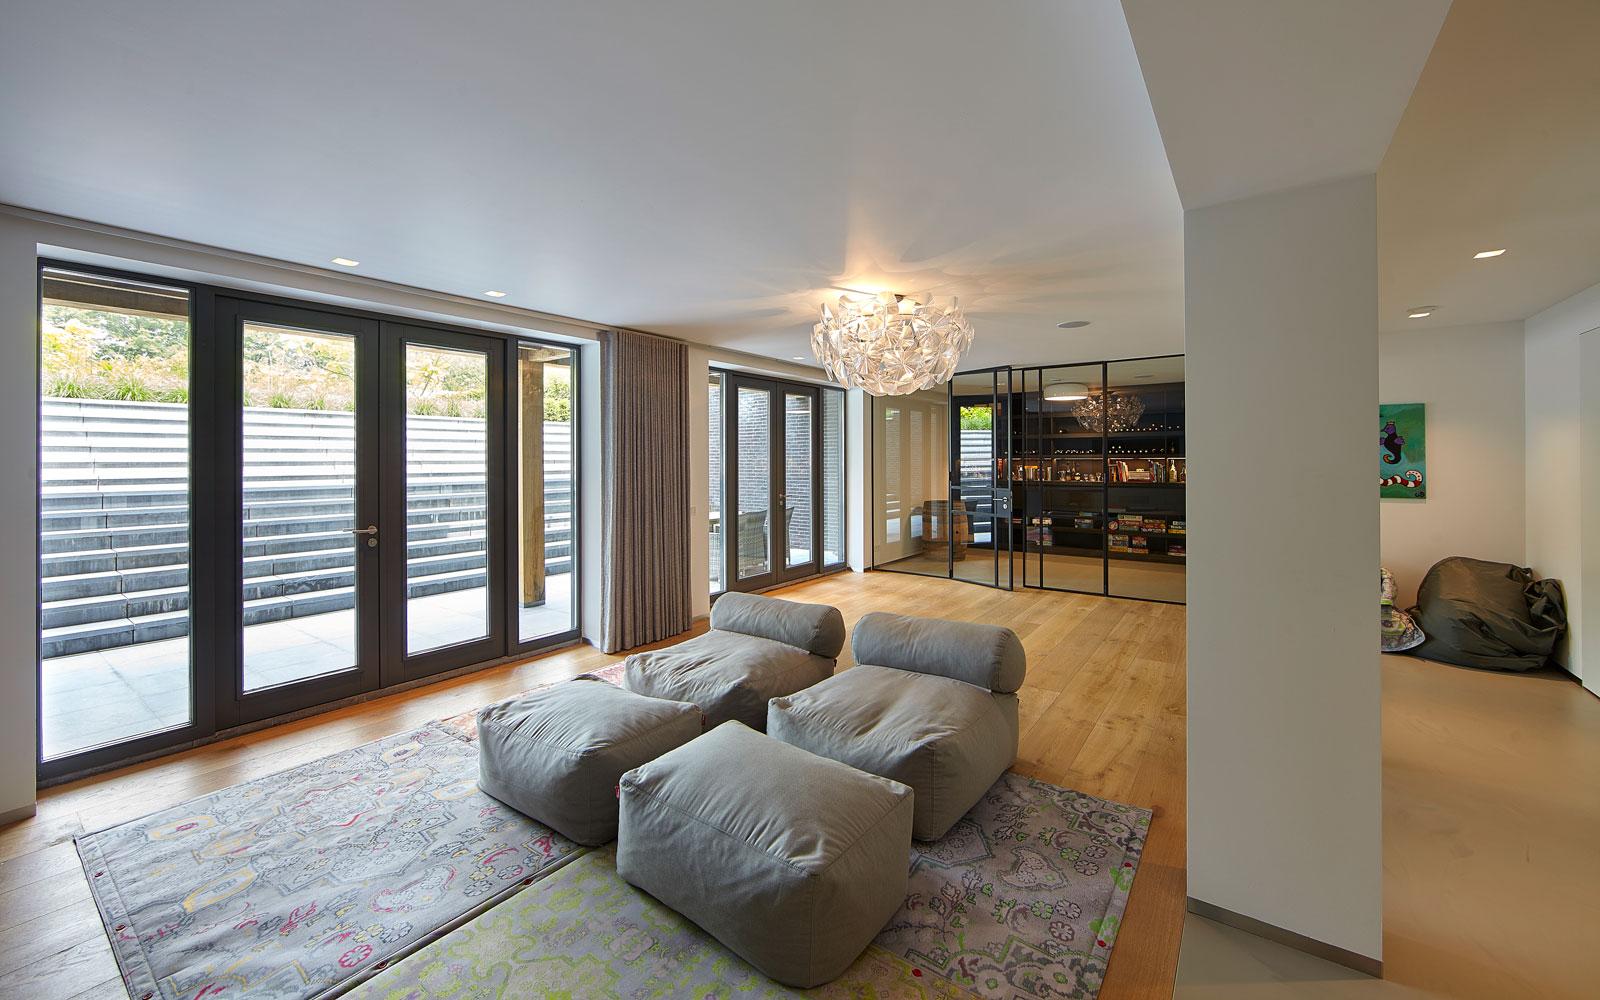 Kelder, leefruimte, thuisbioscoop, wijnkelder, JVN Domotica, inspirerende villa, Wolfs Architecten